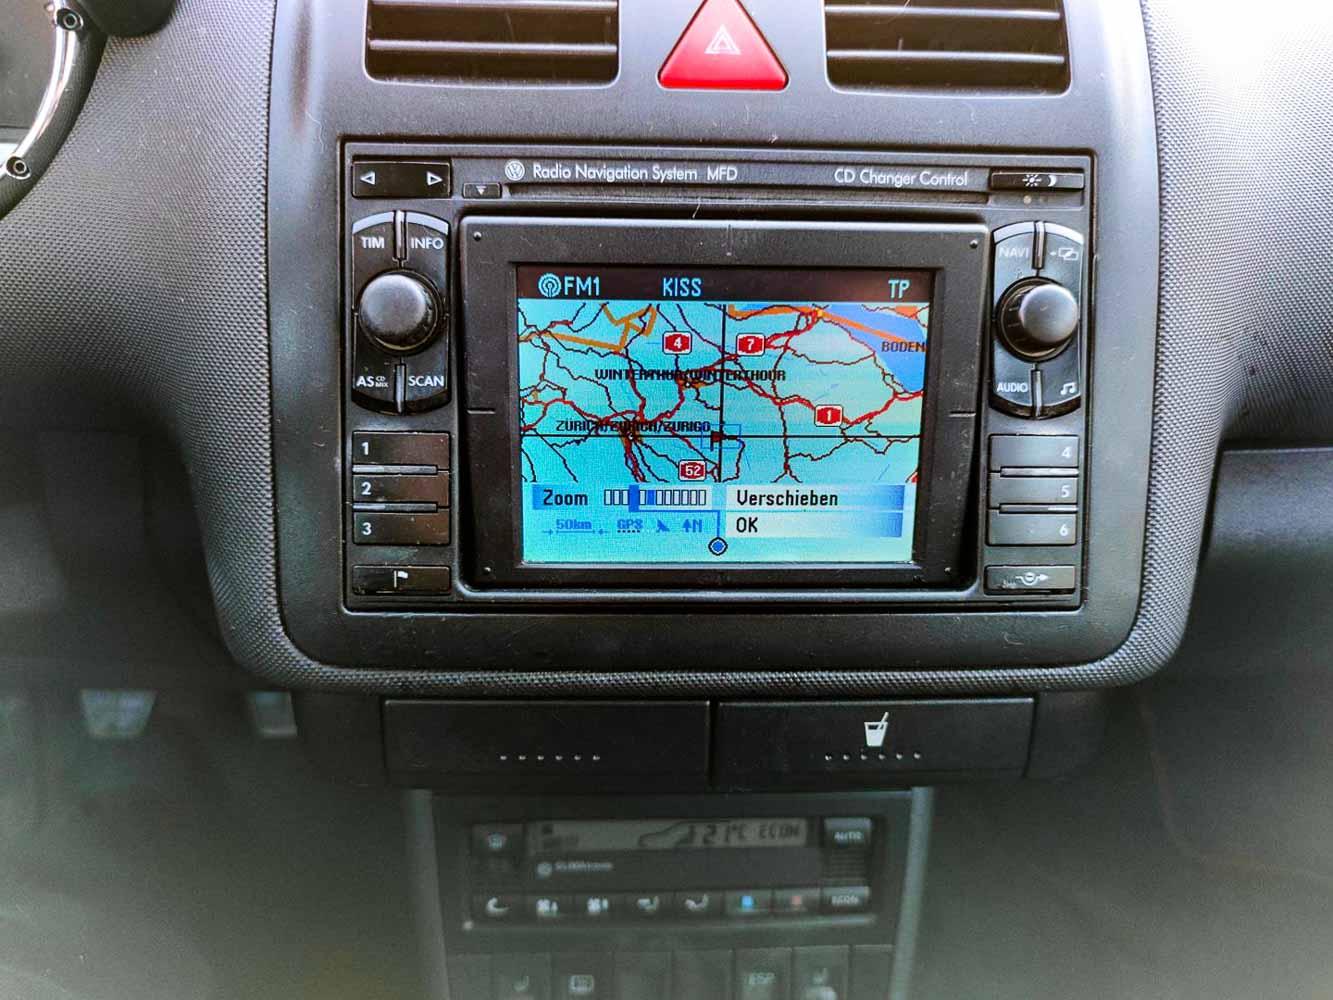 VW Polo GTi 1.6 16v navigace